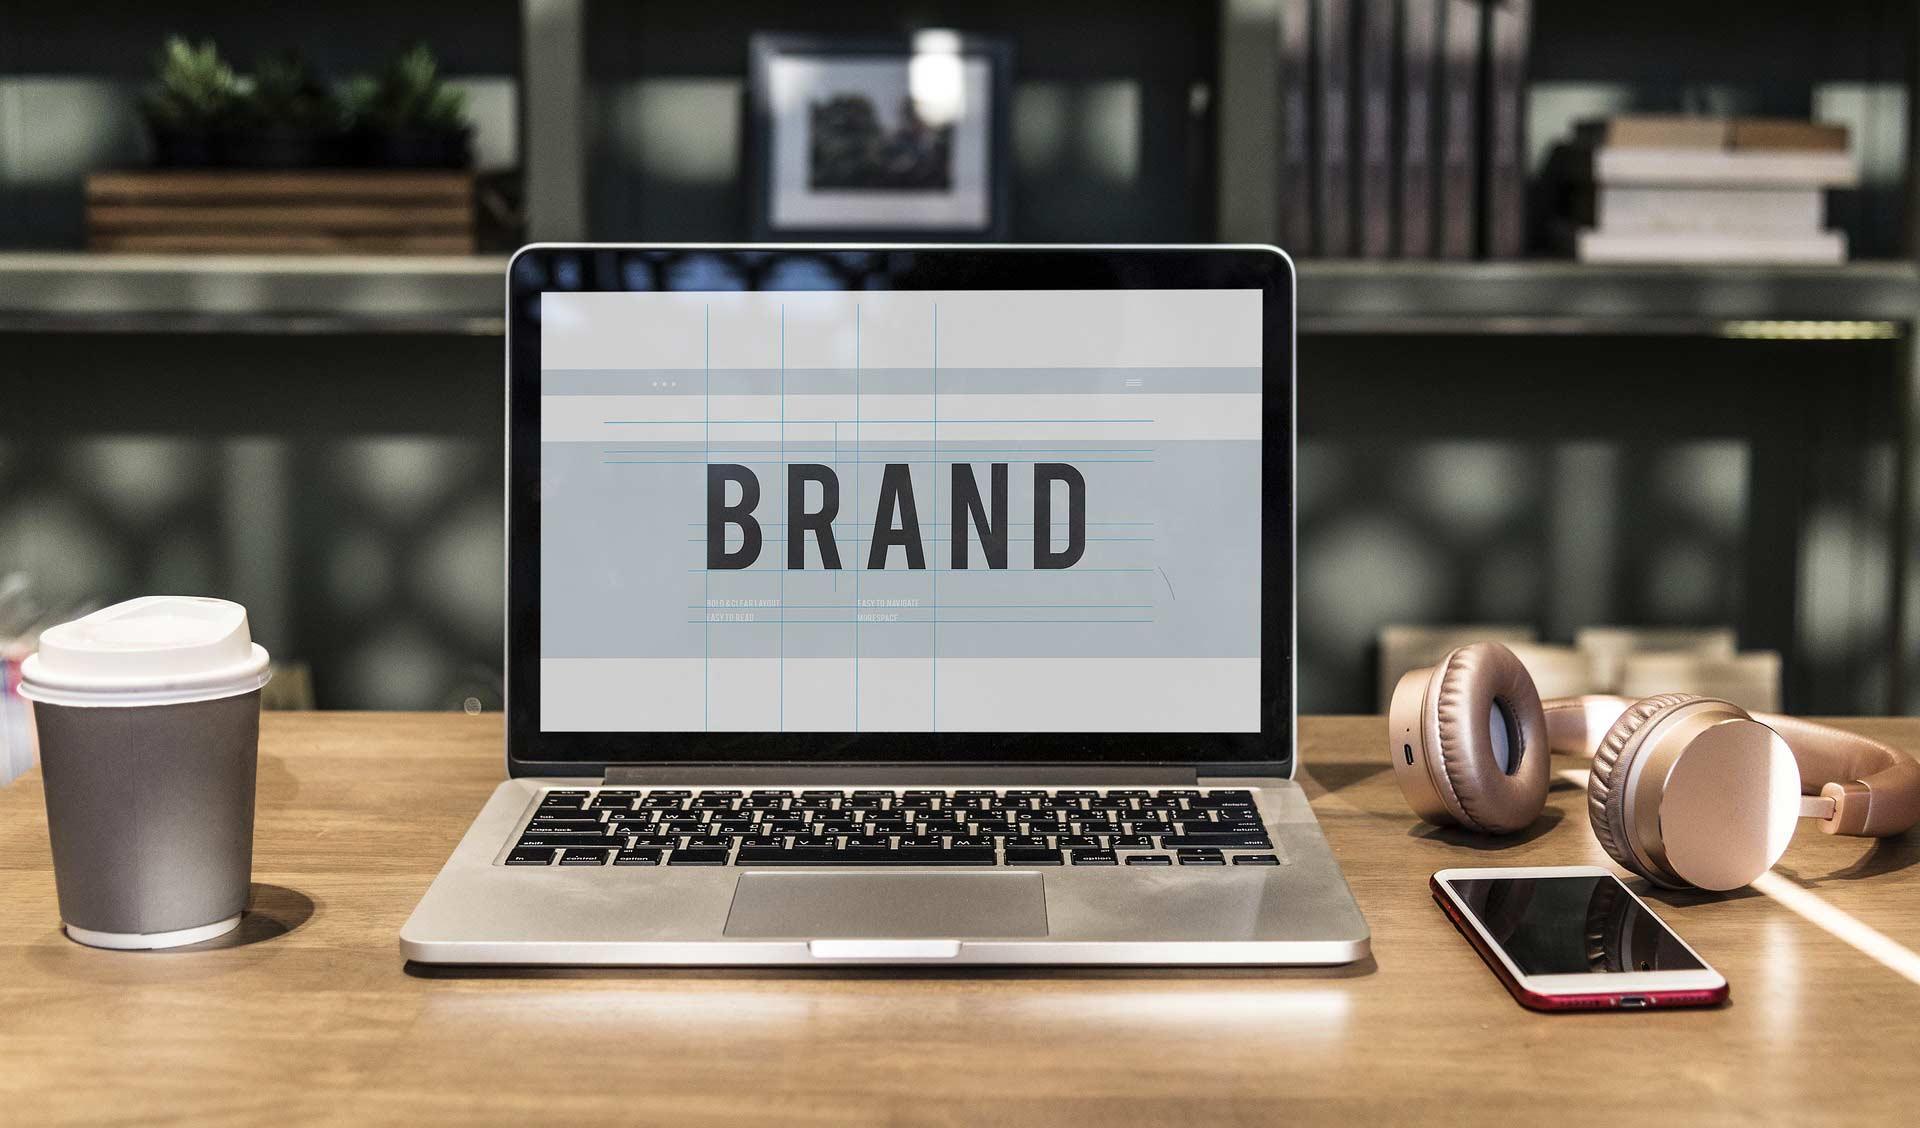 Immagine aziendale brand